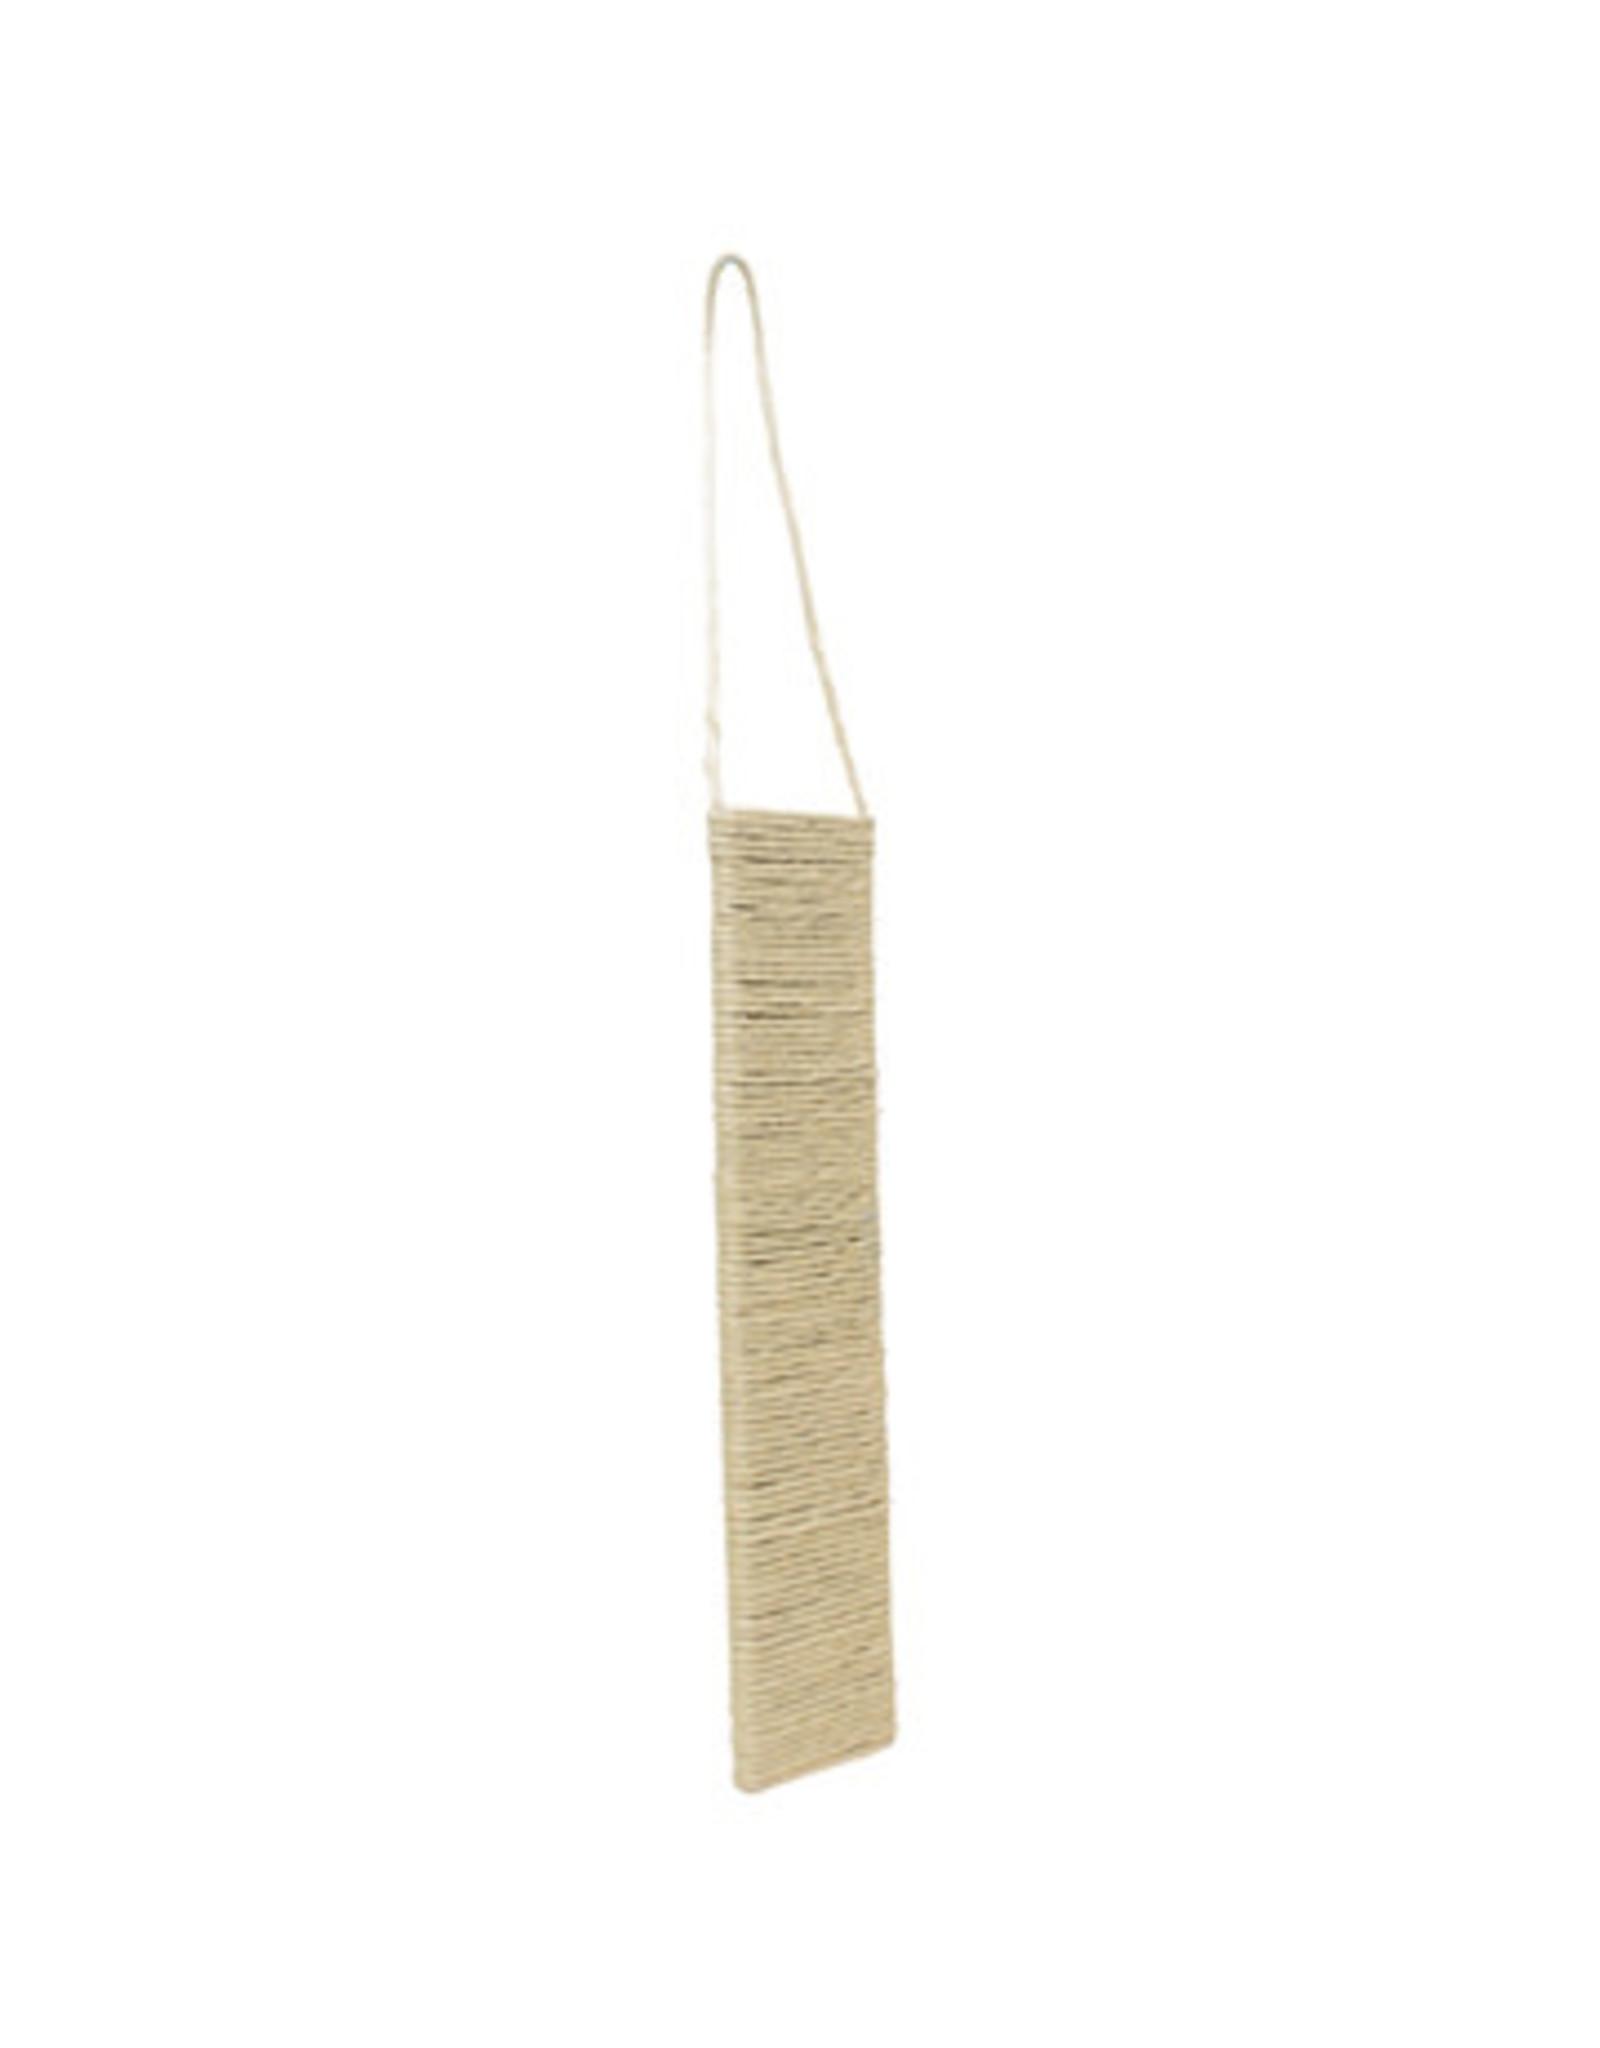 CatIt Sisal Scratching Pad Large 10.5x1.5x48cm